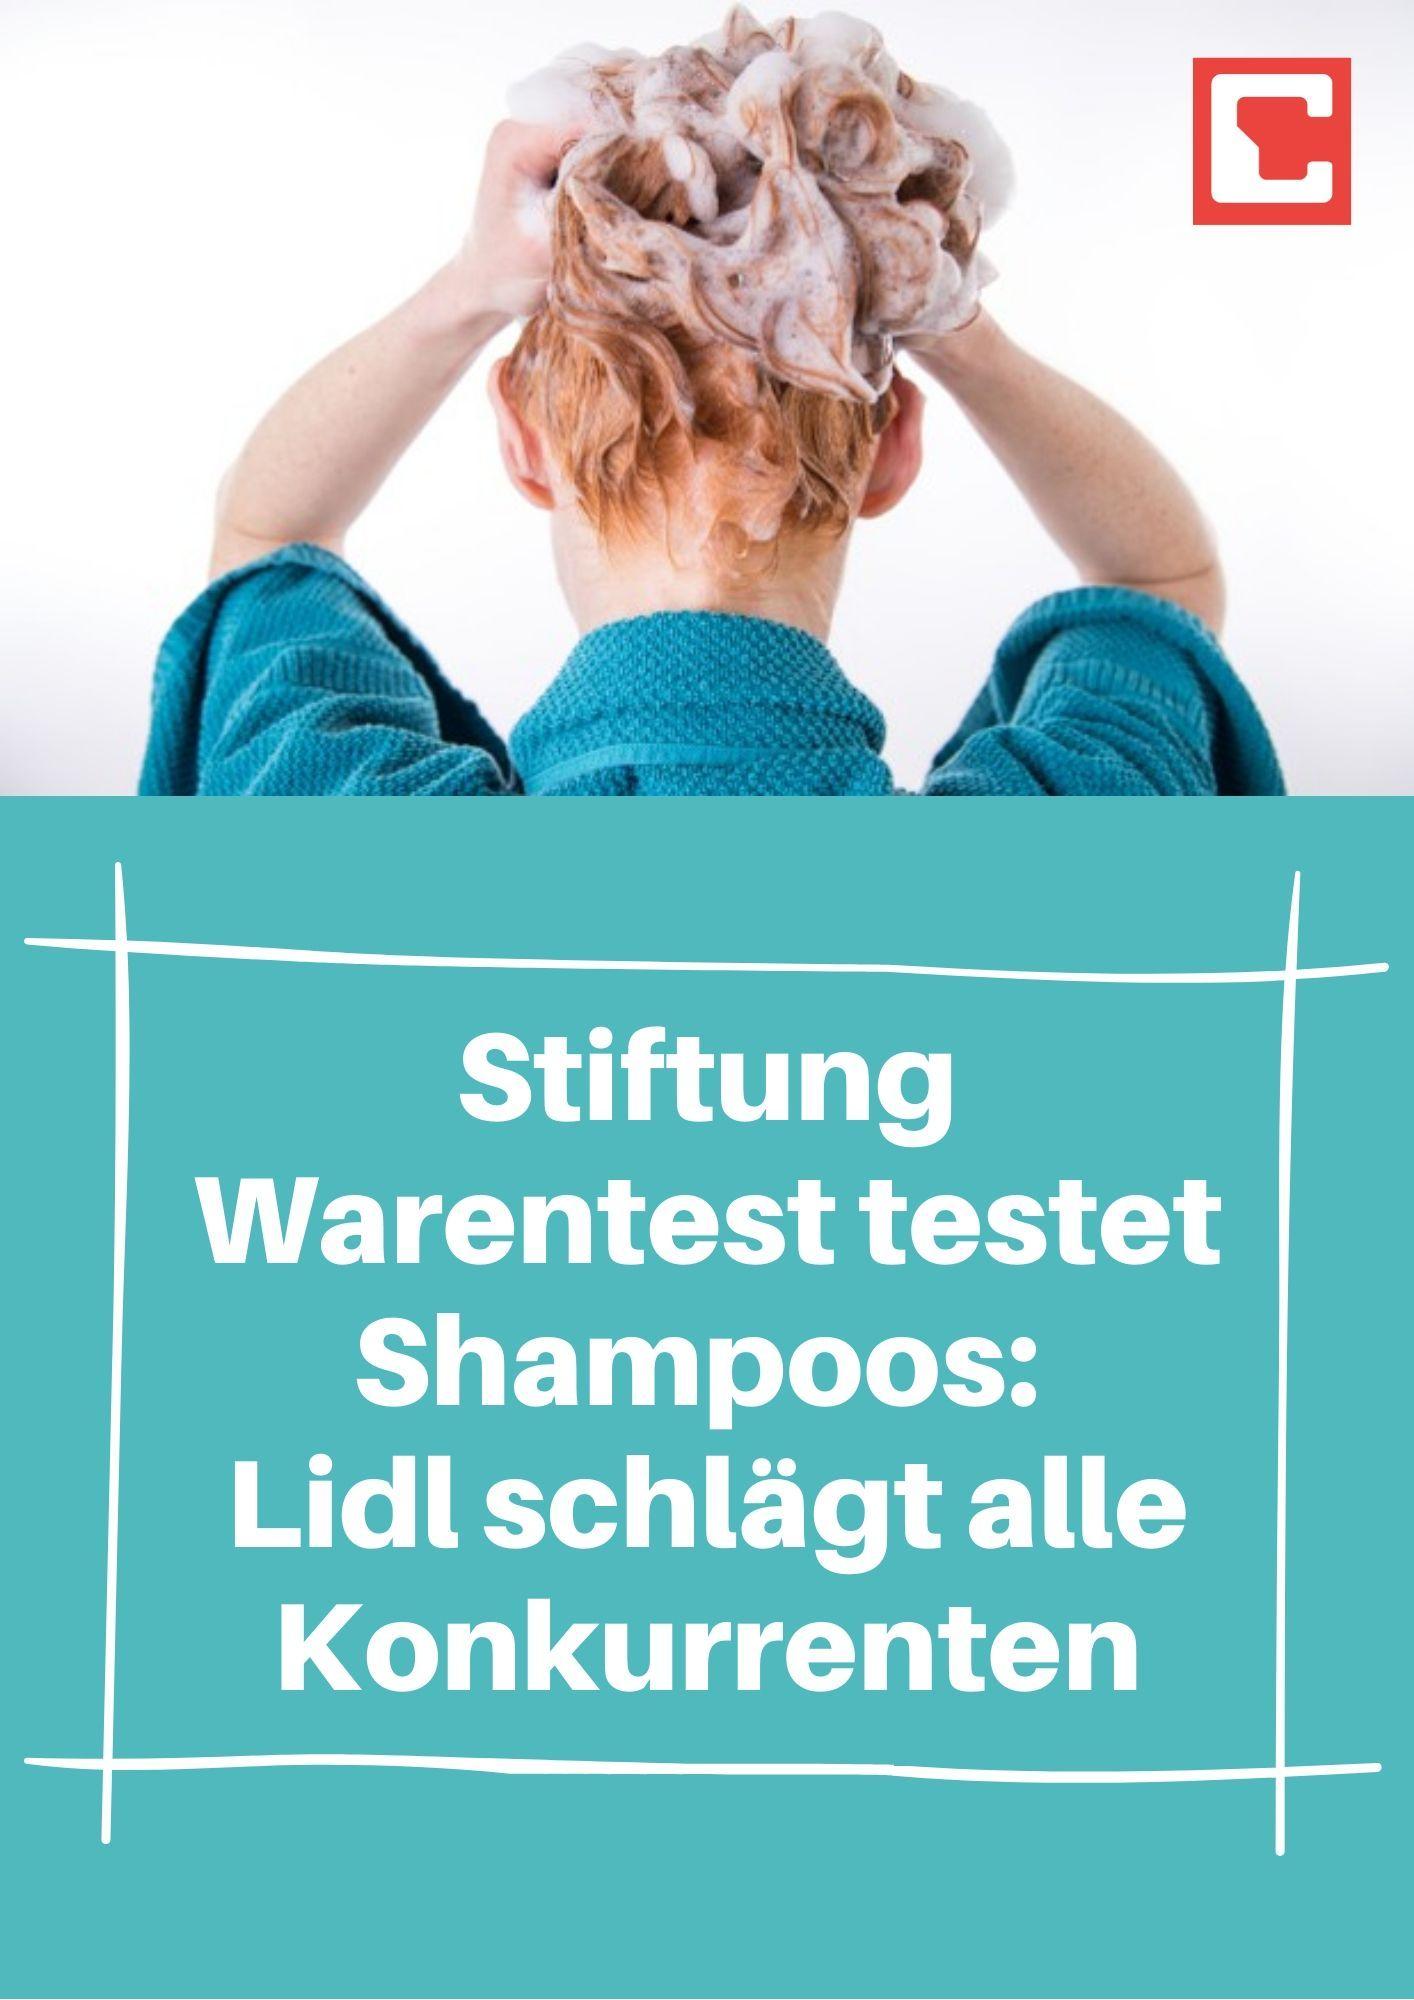 Sprühkur Haare Stiftung Warentest